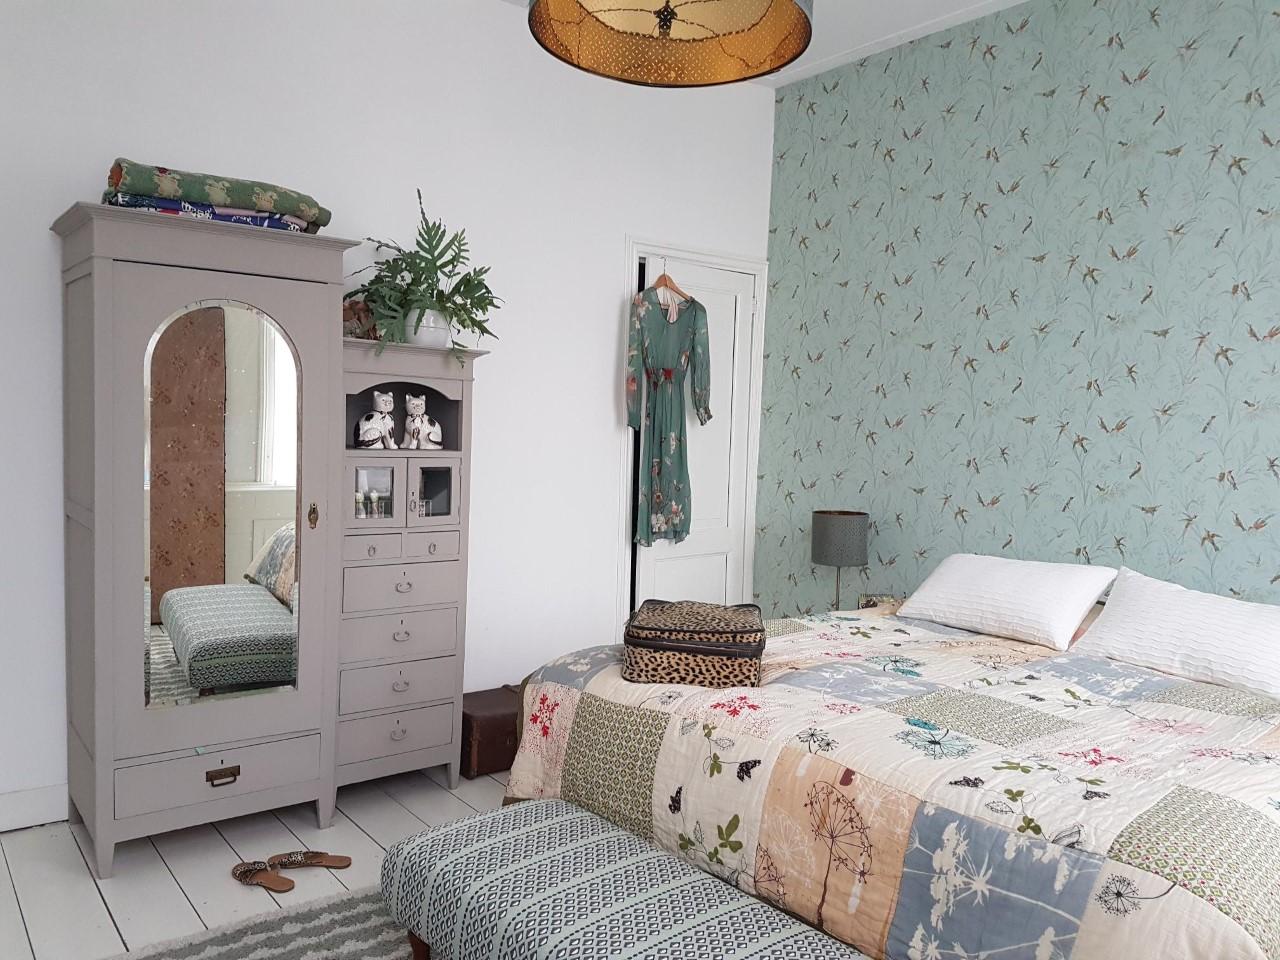 eclectische slaapkamer